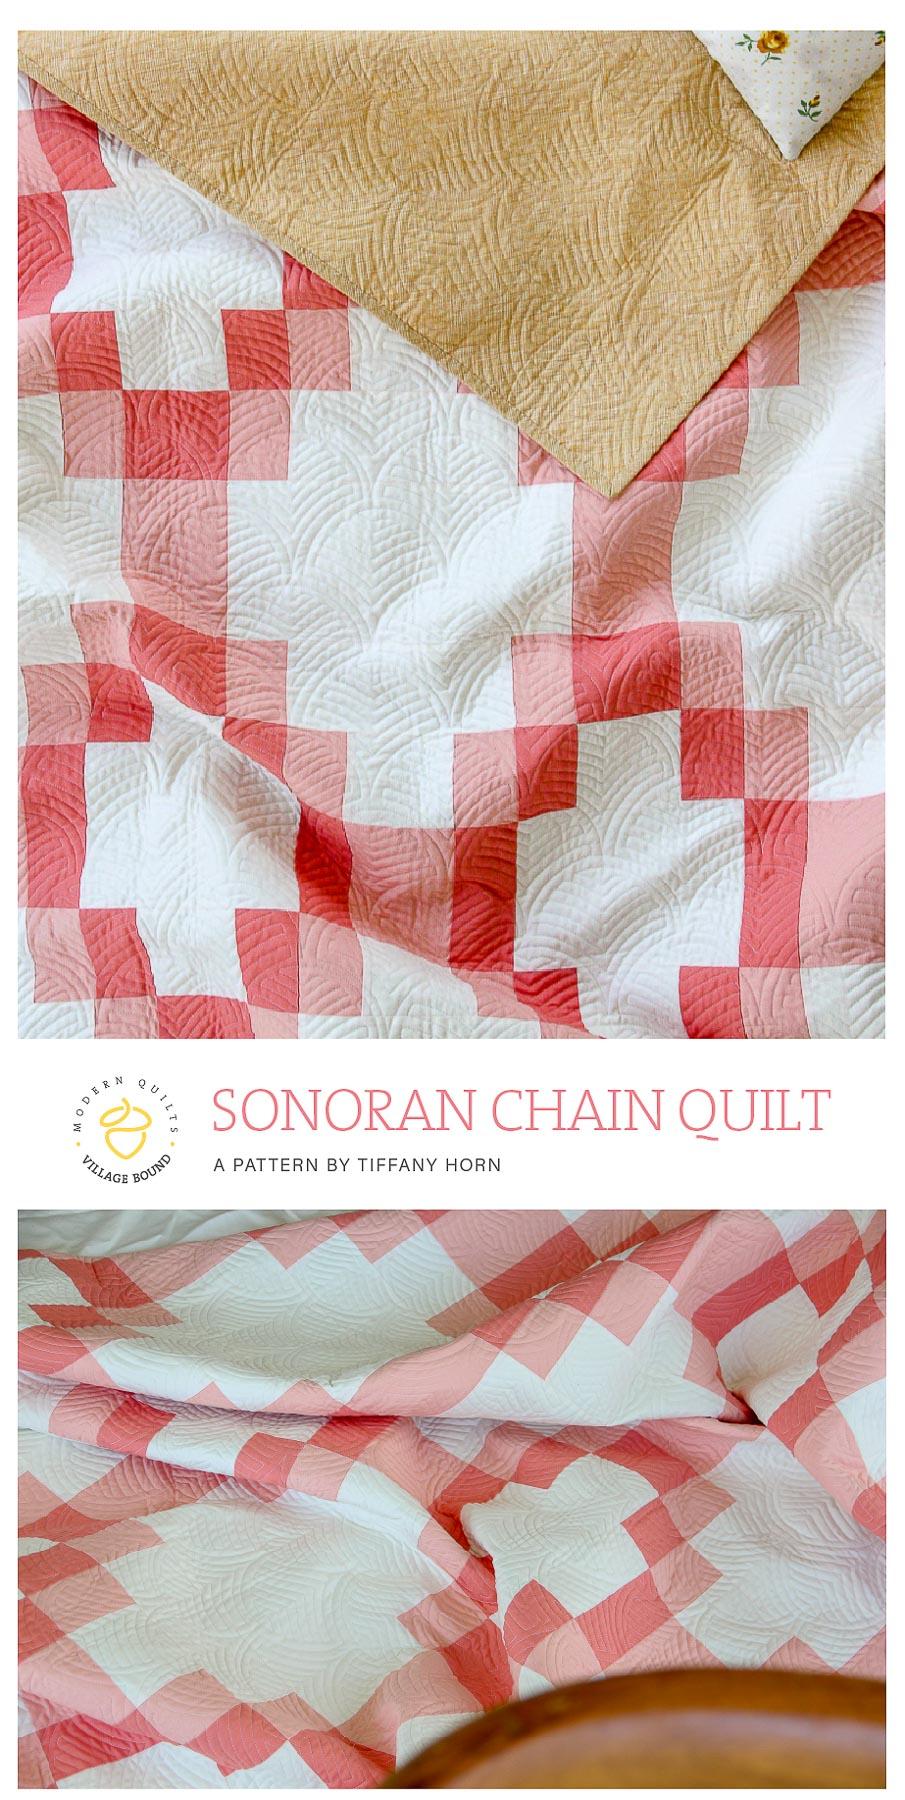 SonoranChainQuilt pattern by TiffanyHorn. villageboundquilts.com